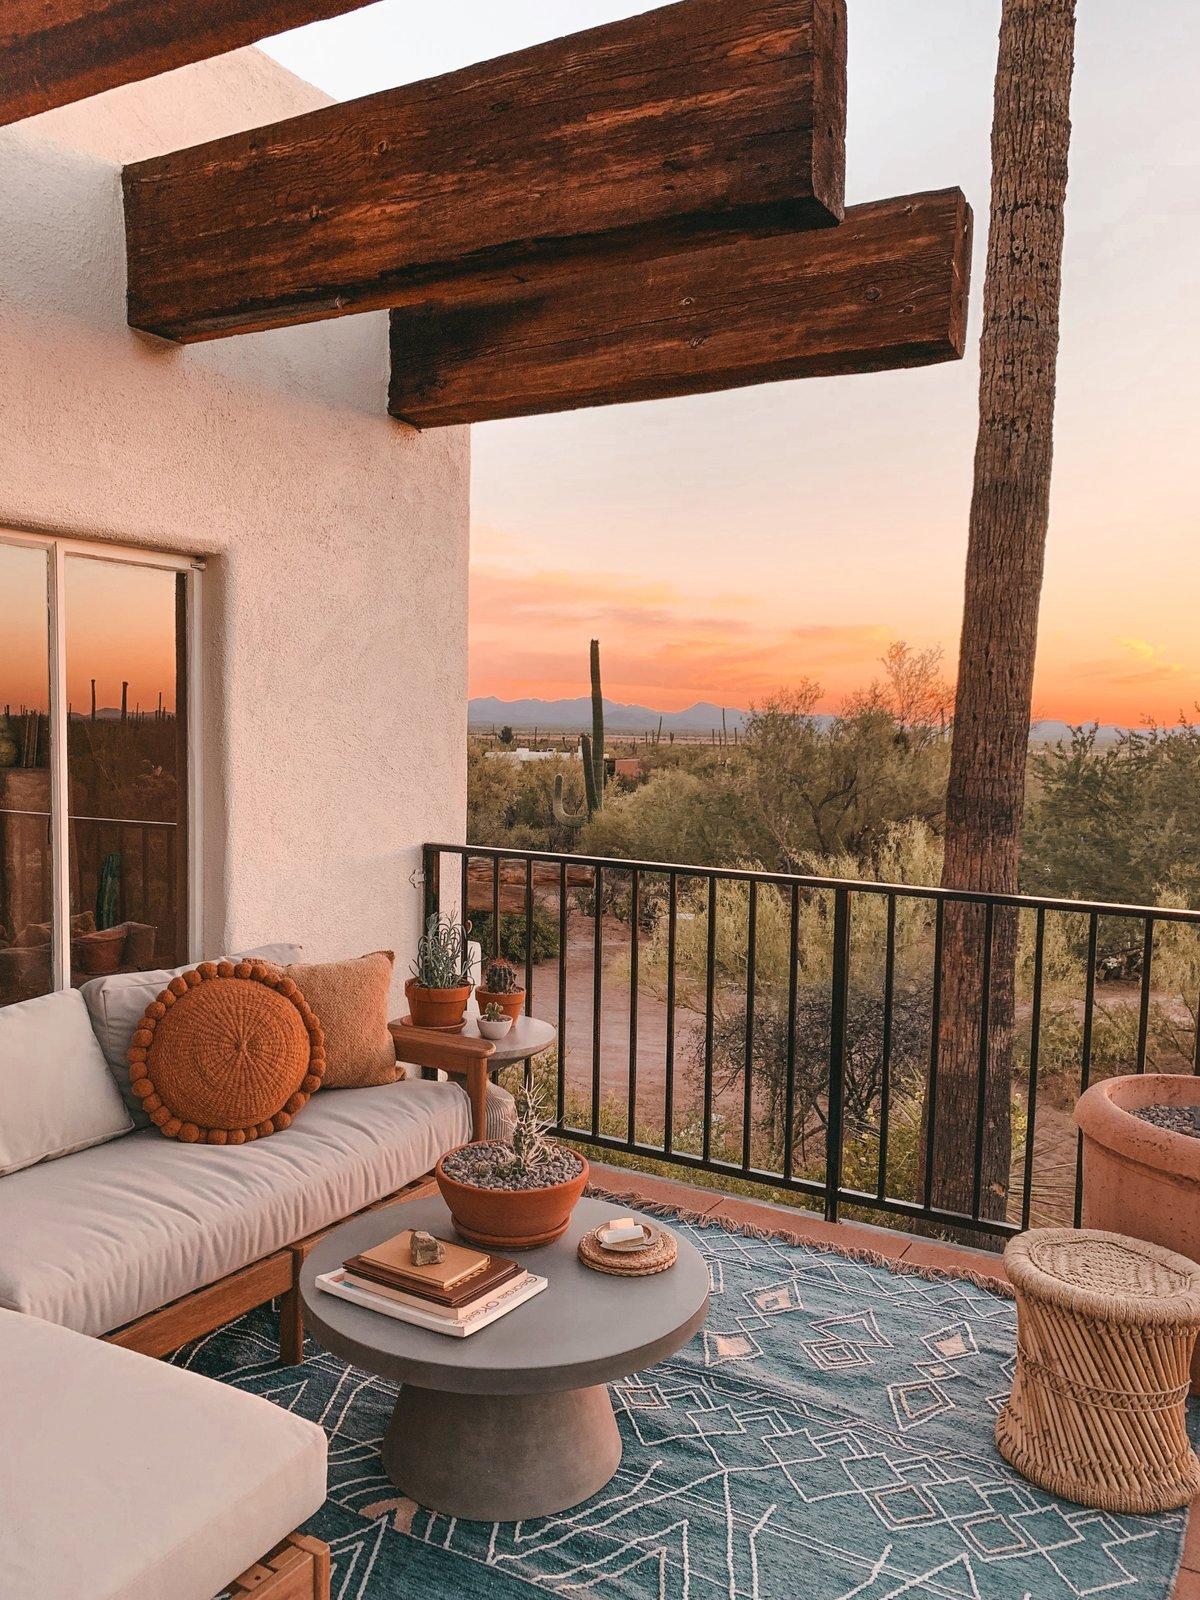 The Posada Sara and Rich Combs outdoor